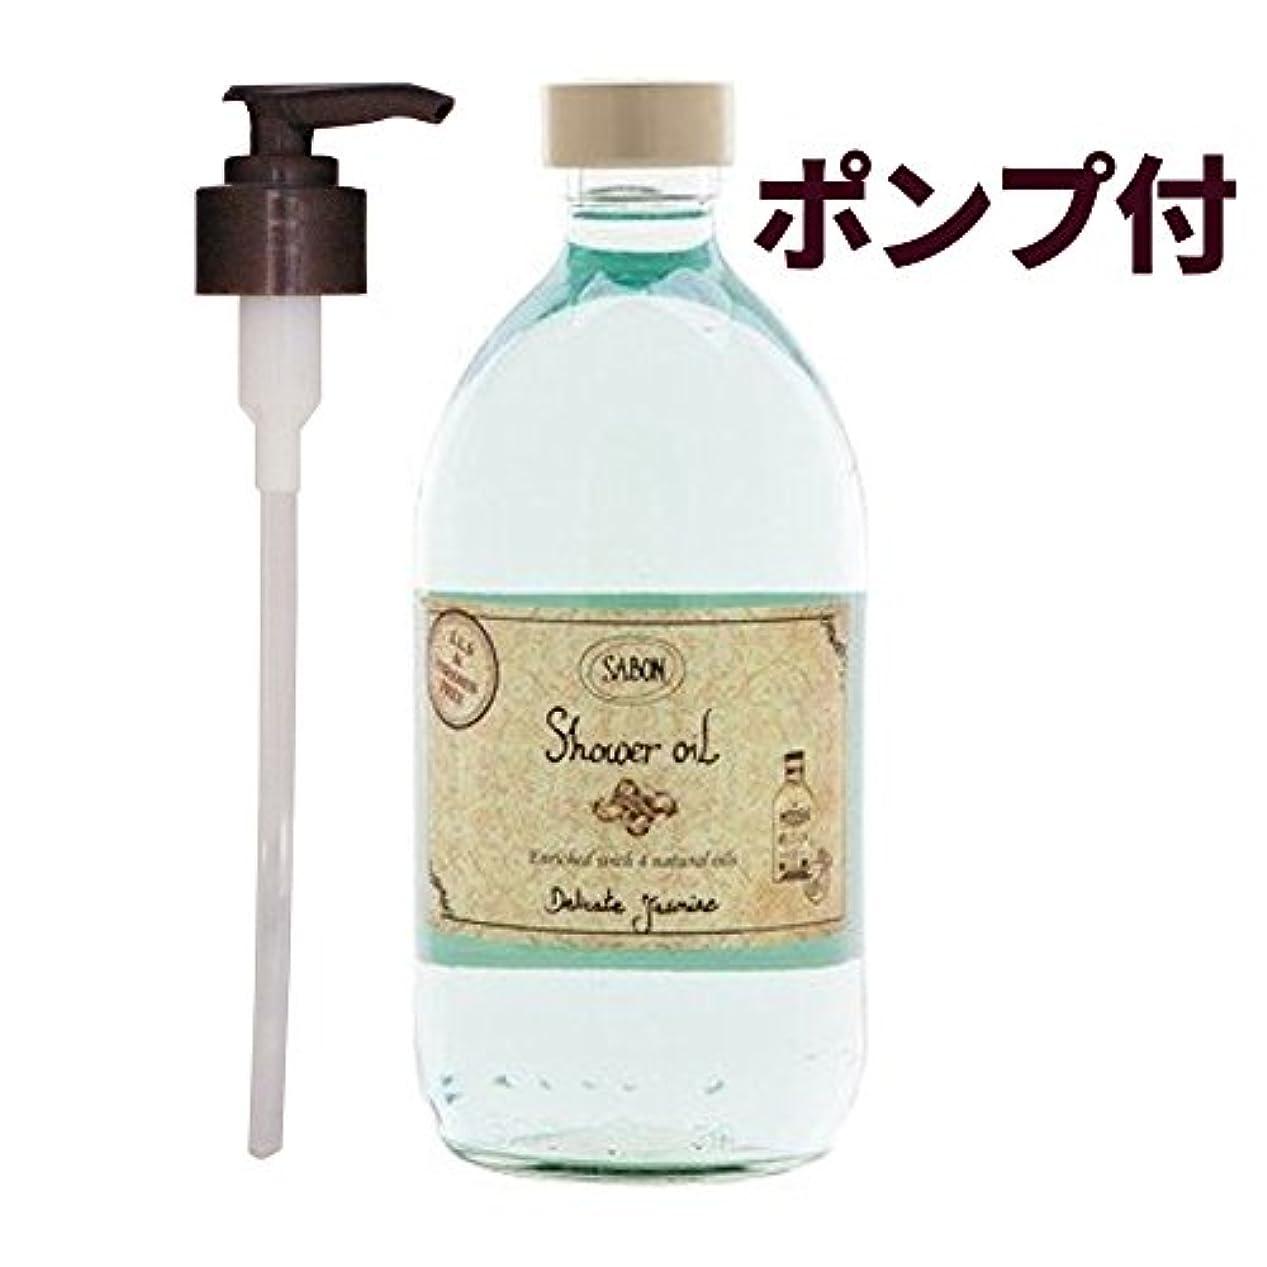 ジェームズダイソンカバー氷サボン シャワーオイル デリケートジャスミン500ml(並行輸入品)